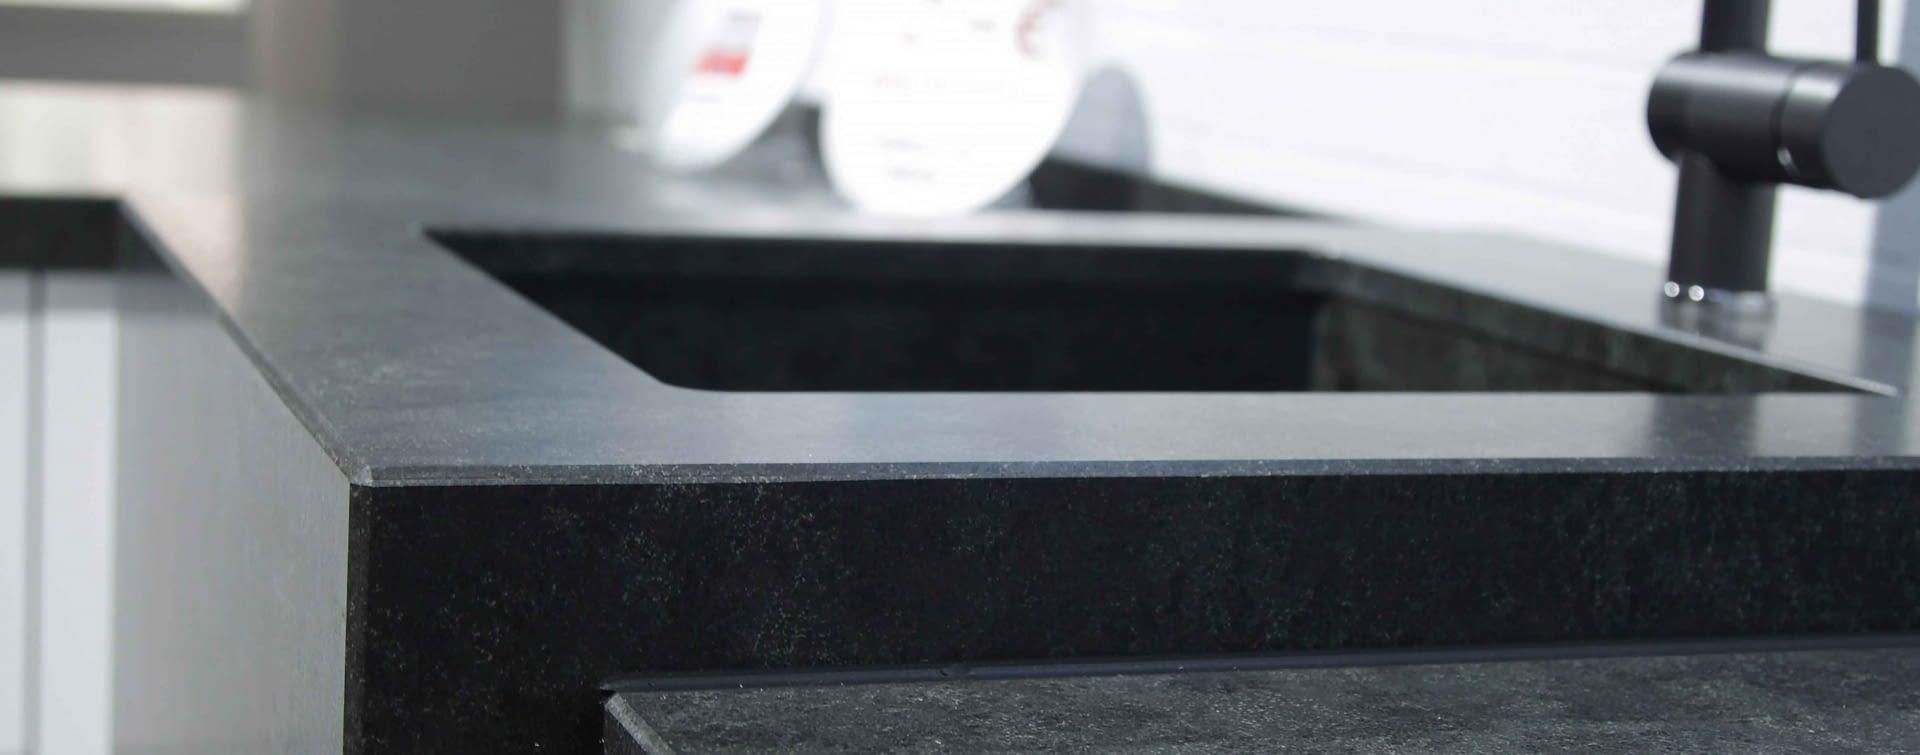 naturstein sp lens ule marquardt k chen. Black Bedroom Furniture Sets. Home Design Ideas